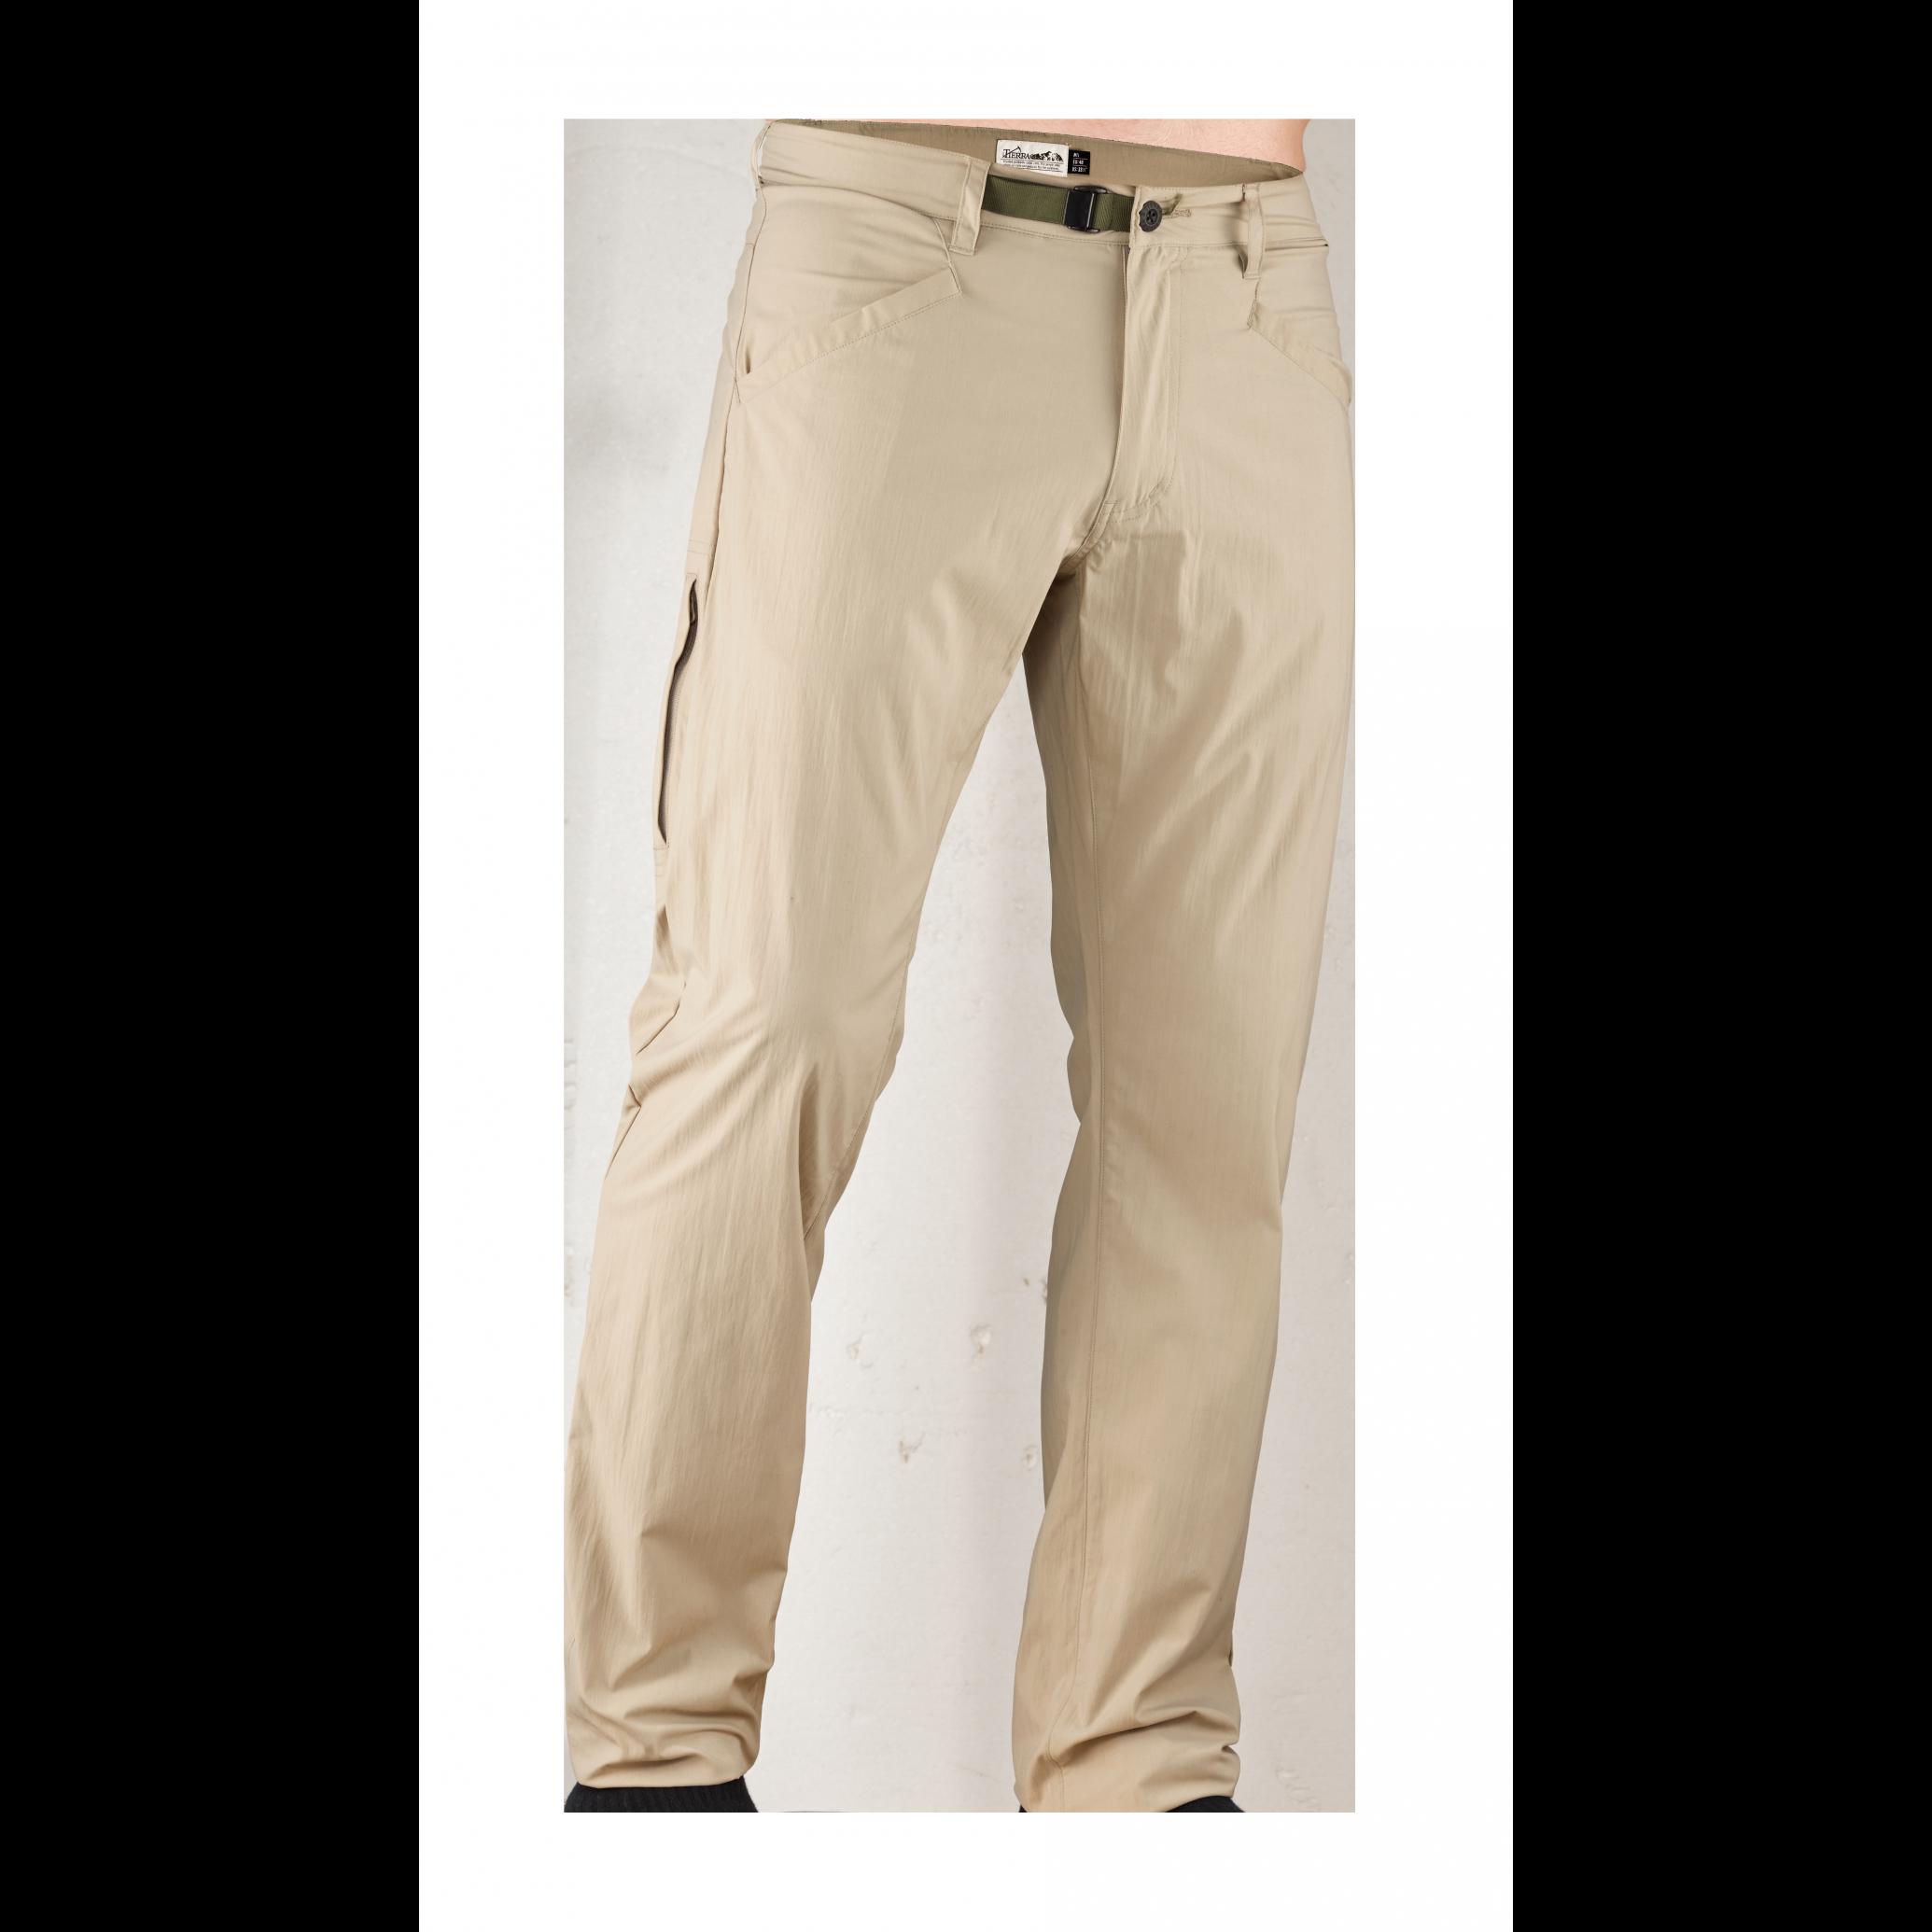 Clipart pants school trousers. Khaki png transparent images